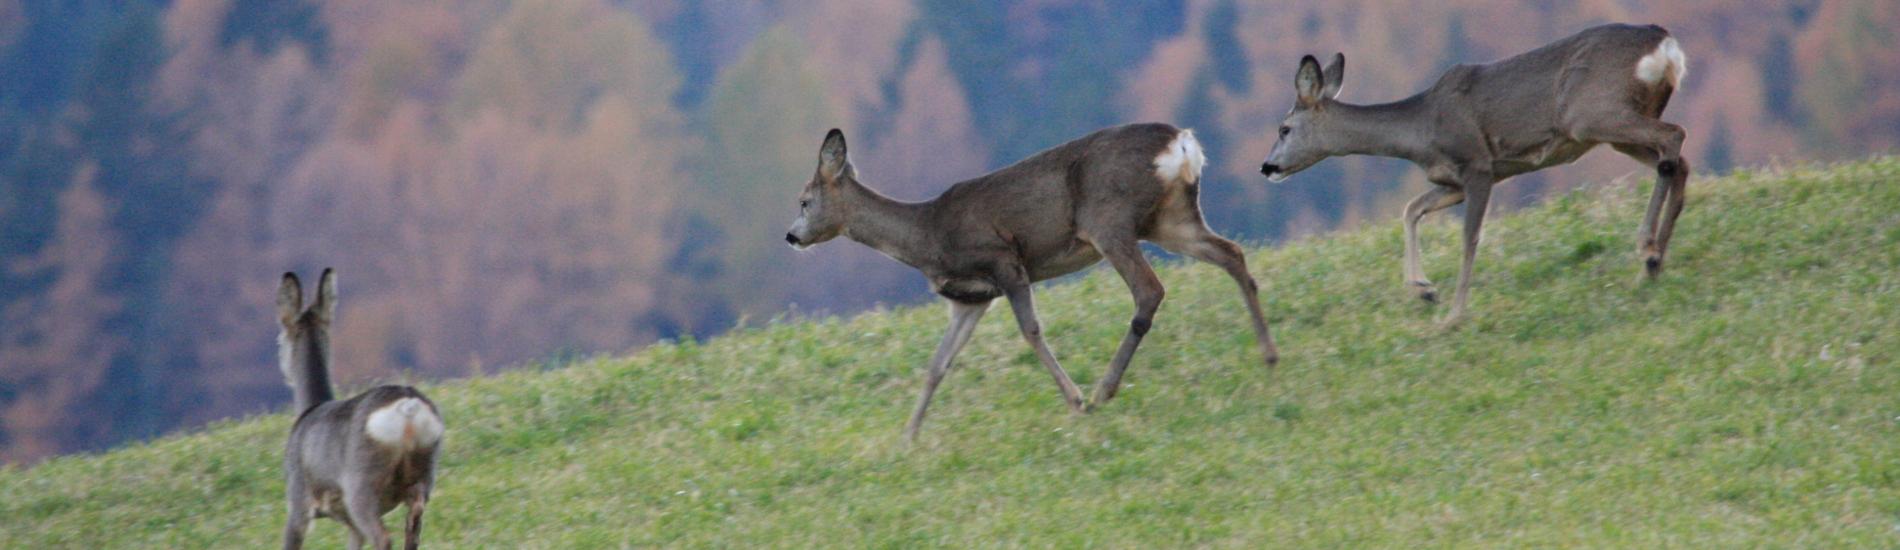 Alla scoperta dei Cervi al Parco Naturale di Paneveggio